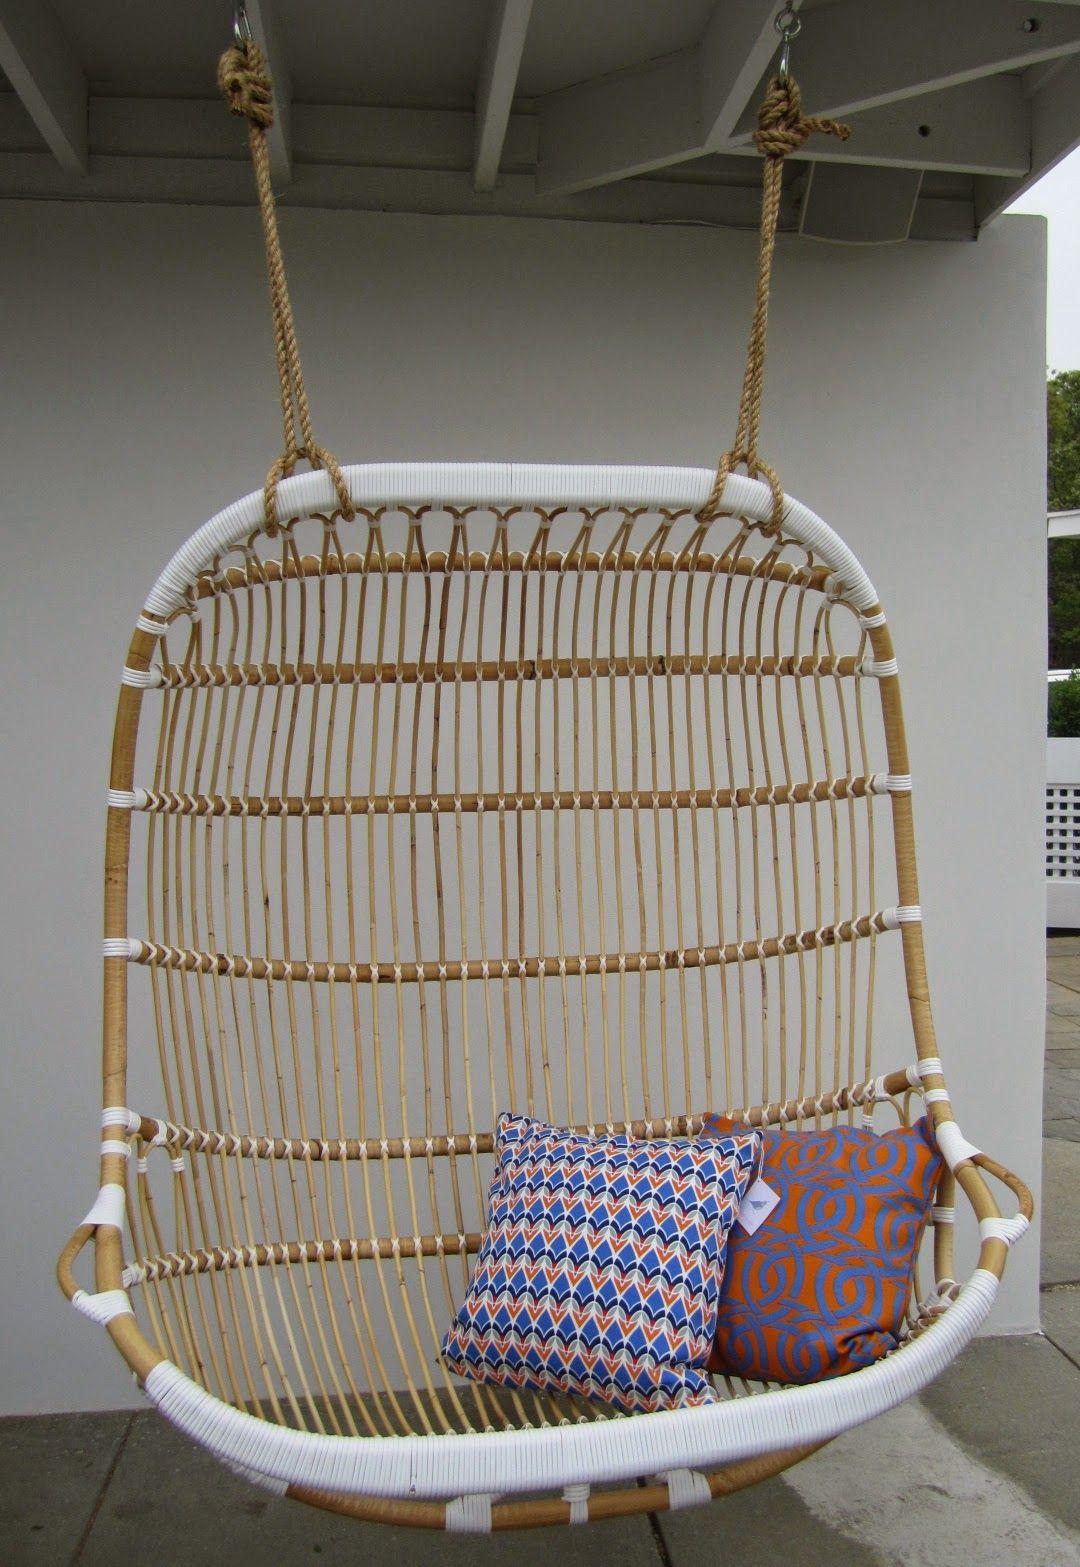 Le Fauteuil Suspendu Ou Hanging Chair En Anglais Surtout Quand Il Est En Rotin Moi Ca Me Donne Des Envies De Farnien Fauteuil Suspendu Rotin Fauteuil Rotin